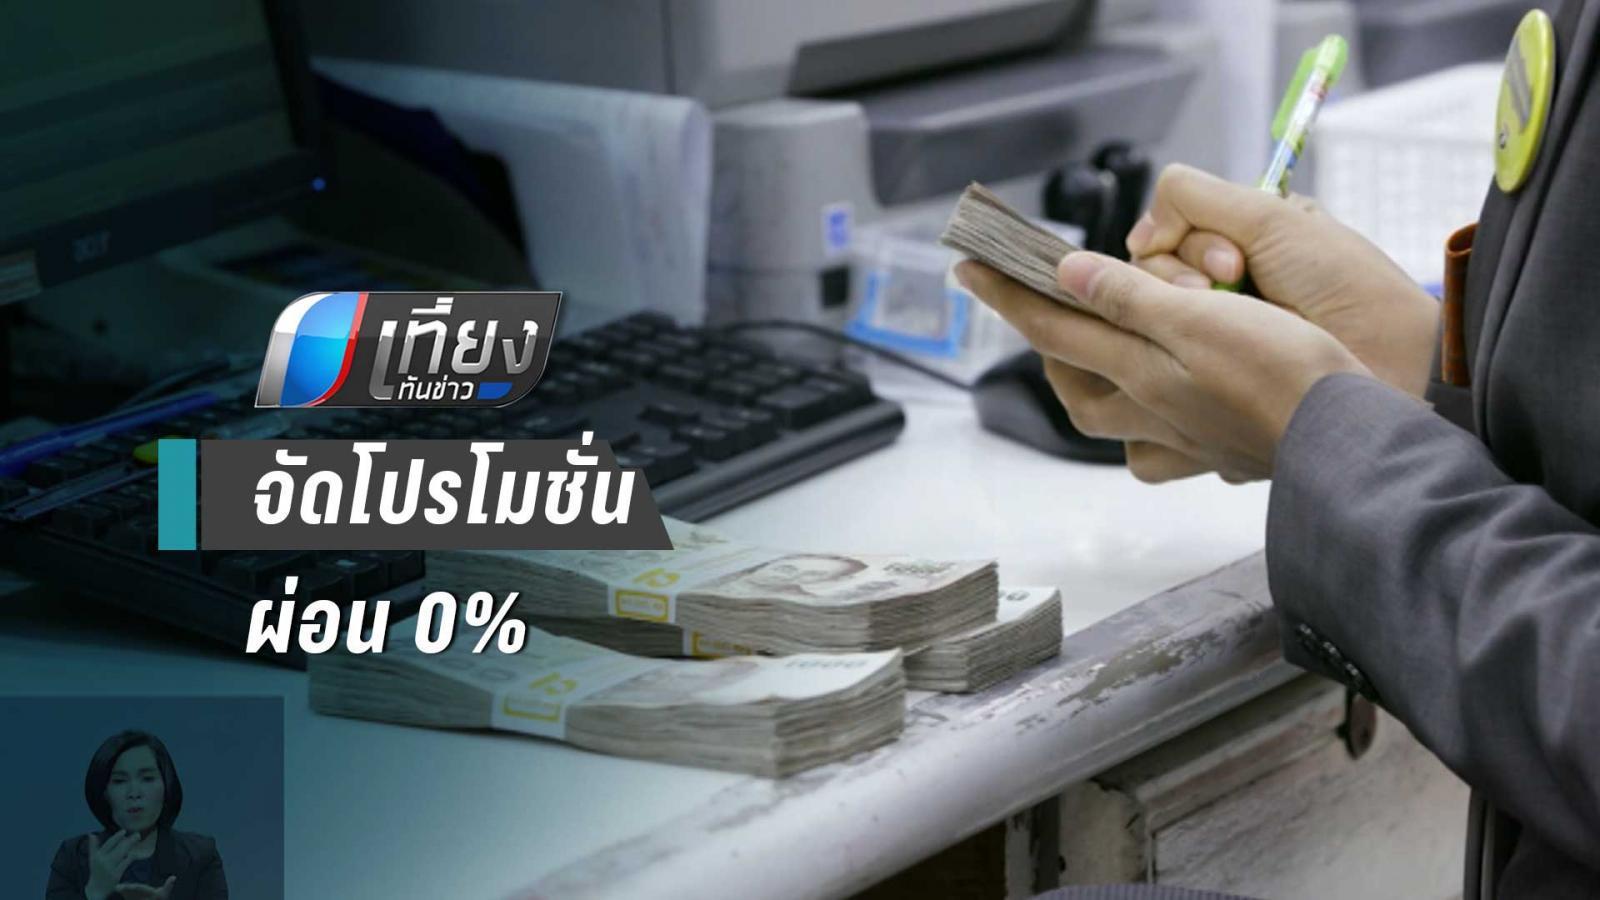 ธปท. ยัน ไม่ห้ามแบงค์ จัดโปรผ่อน 0%